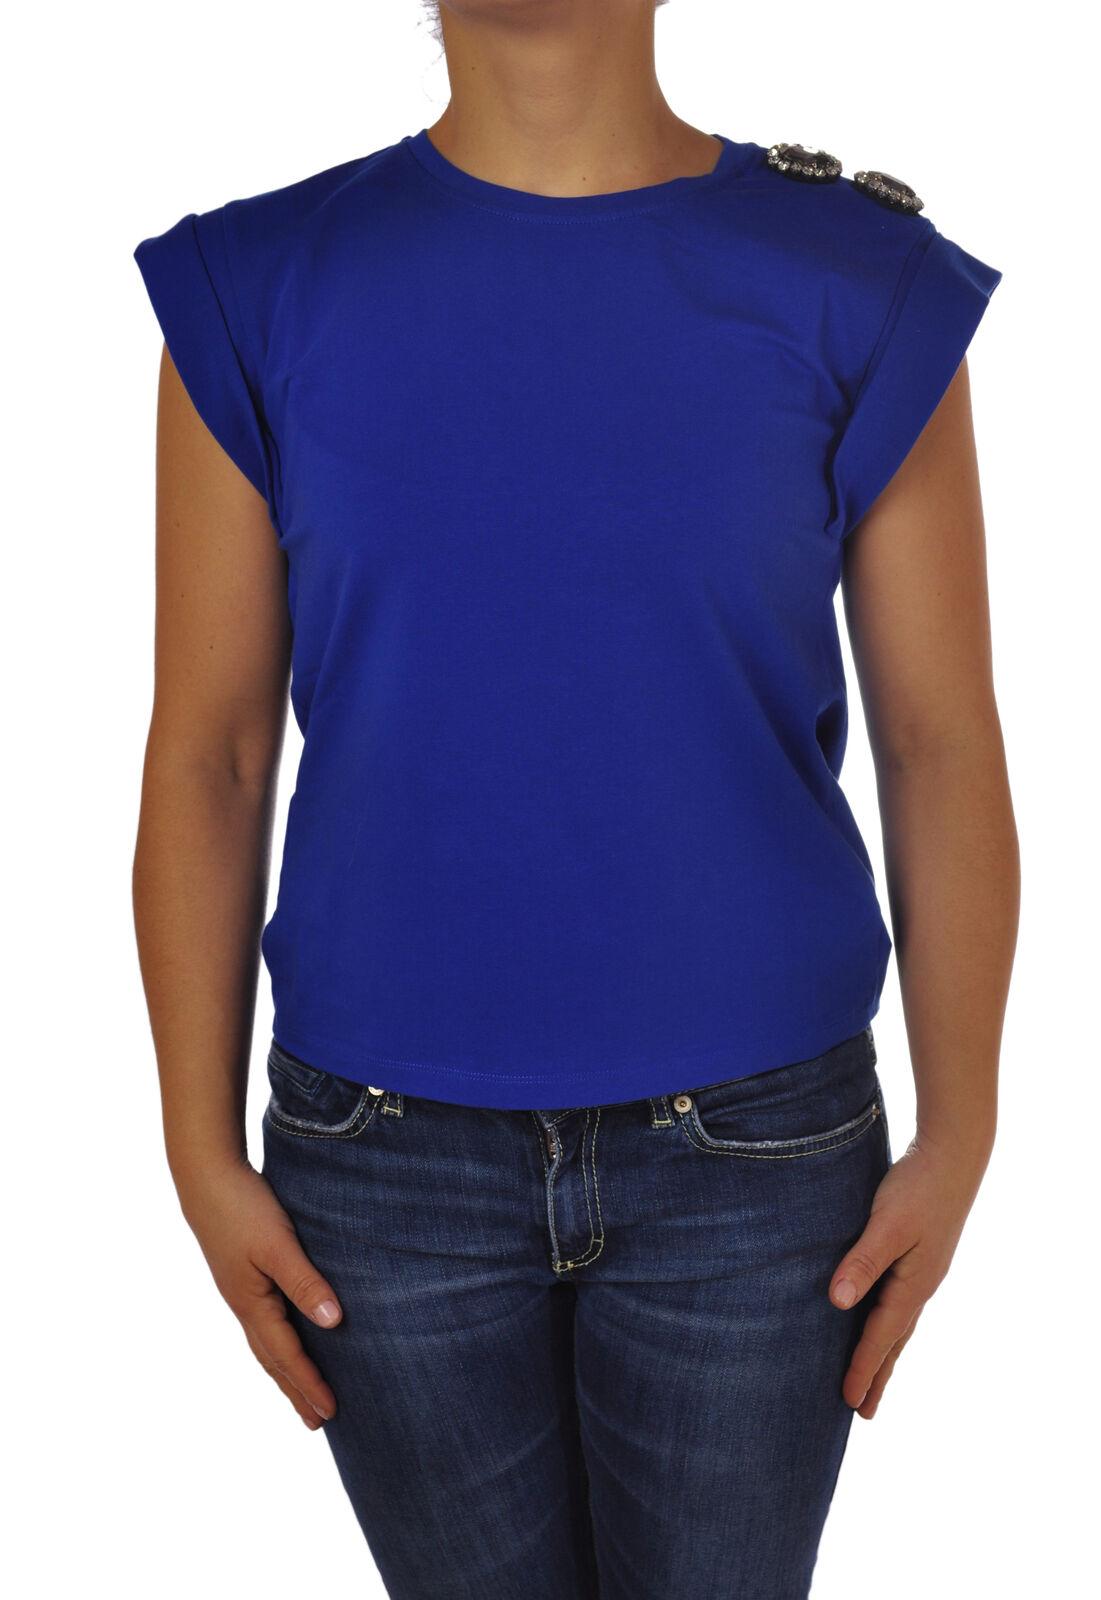 roseo - Topwear-T-shirts - femmes - bleu - 4776227G190512